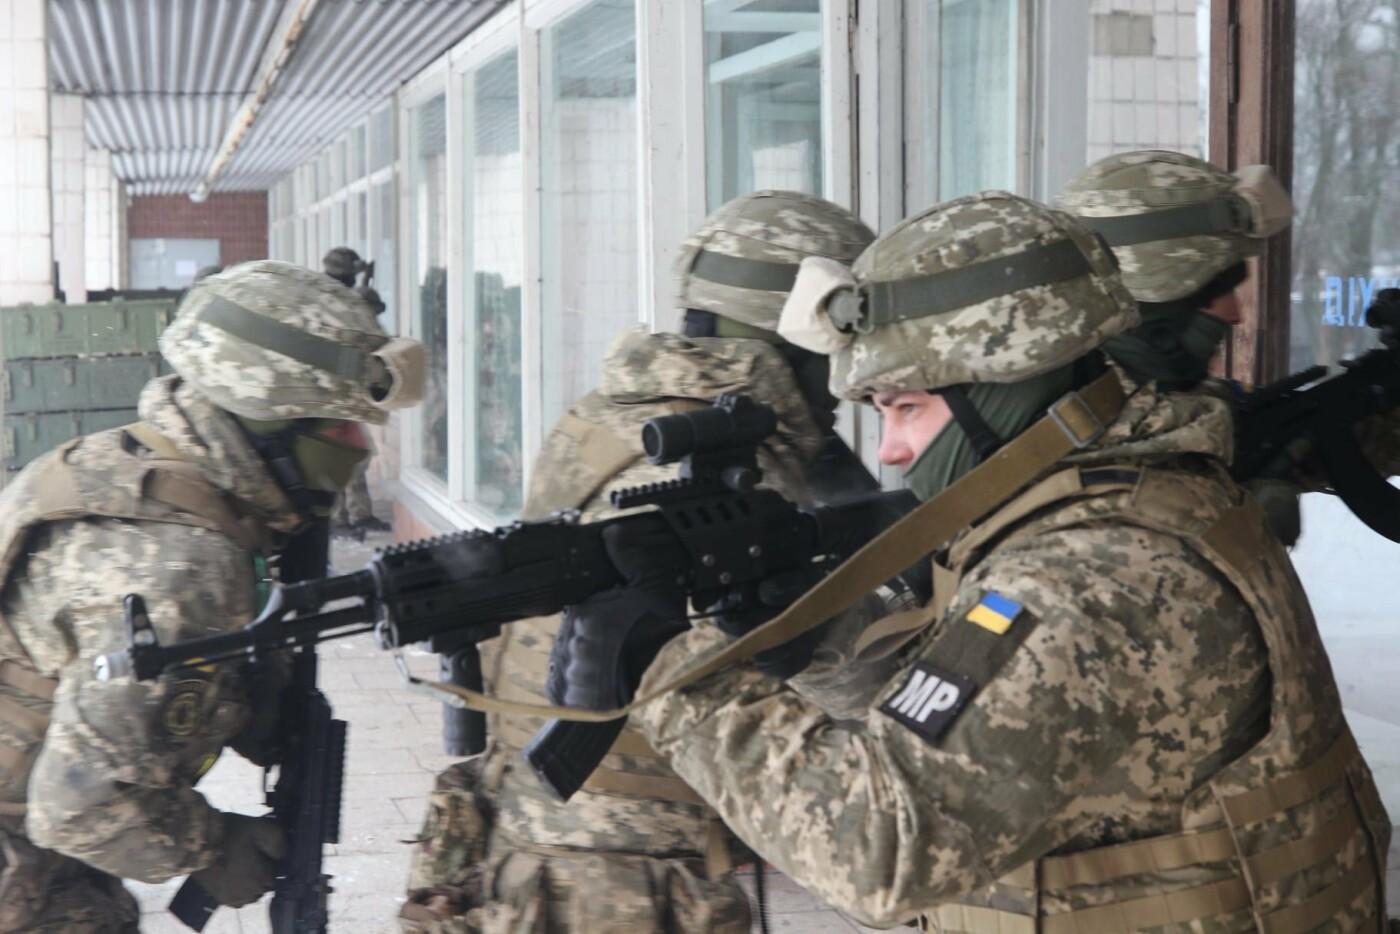 На Днепропетровщине военные освободили заложников, отбили штурм и задержали воров, - ФОТО, фото-4